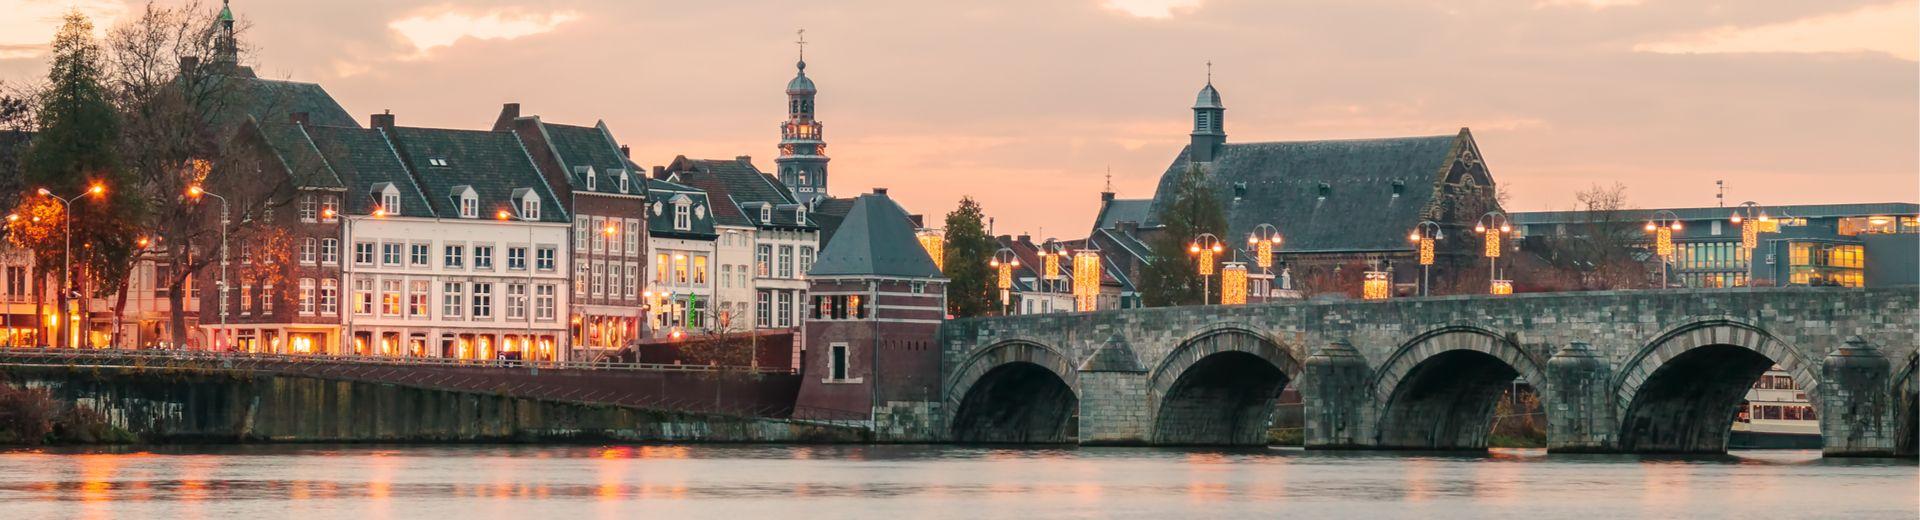 Romantisches Schlosshotel in Maastricht